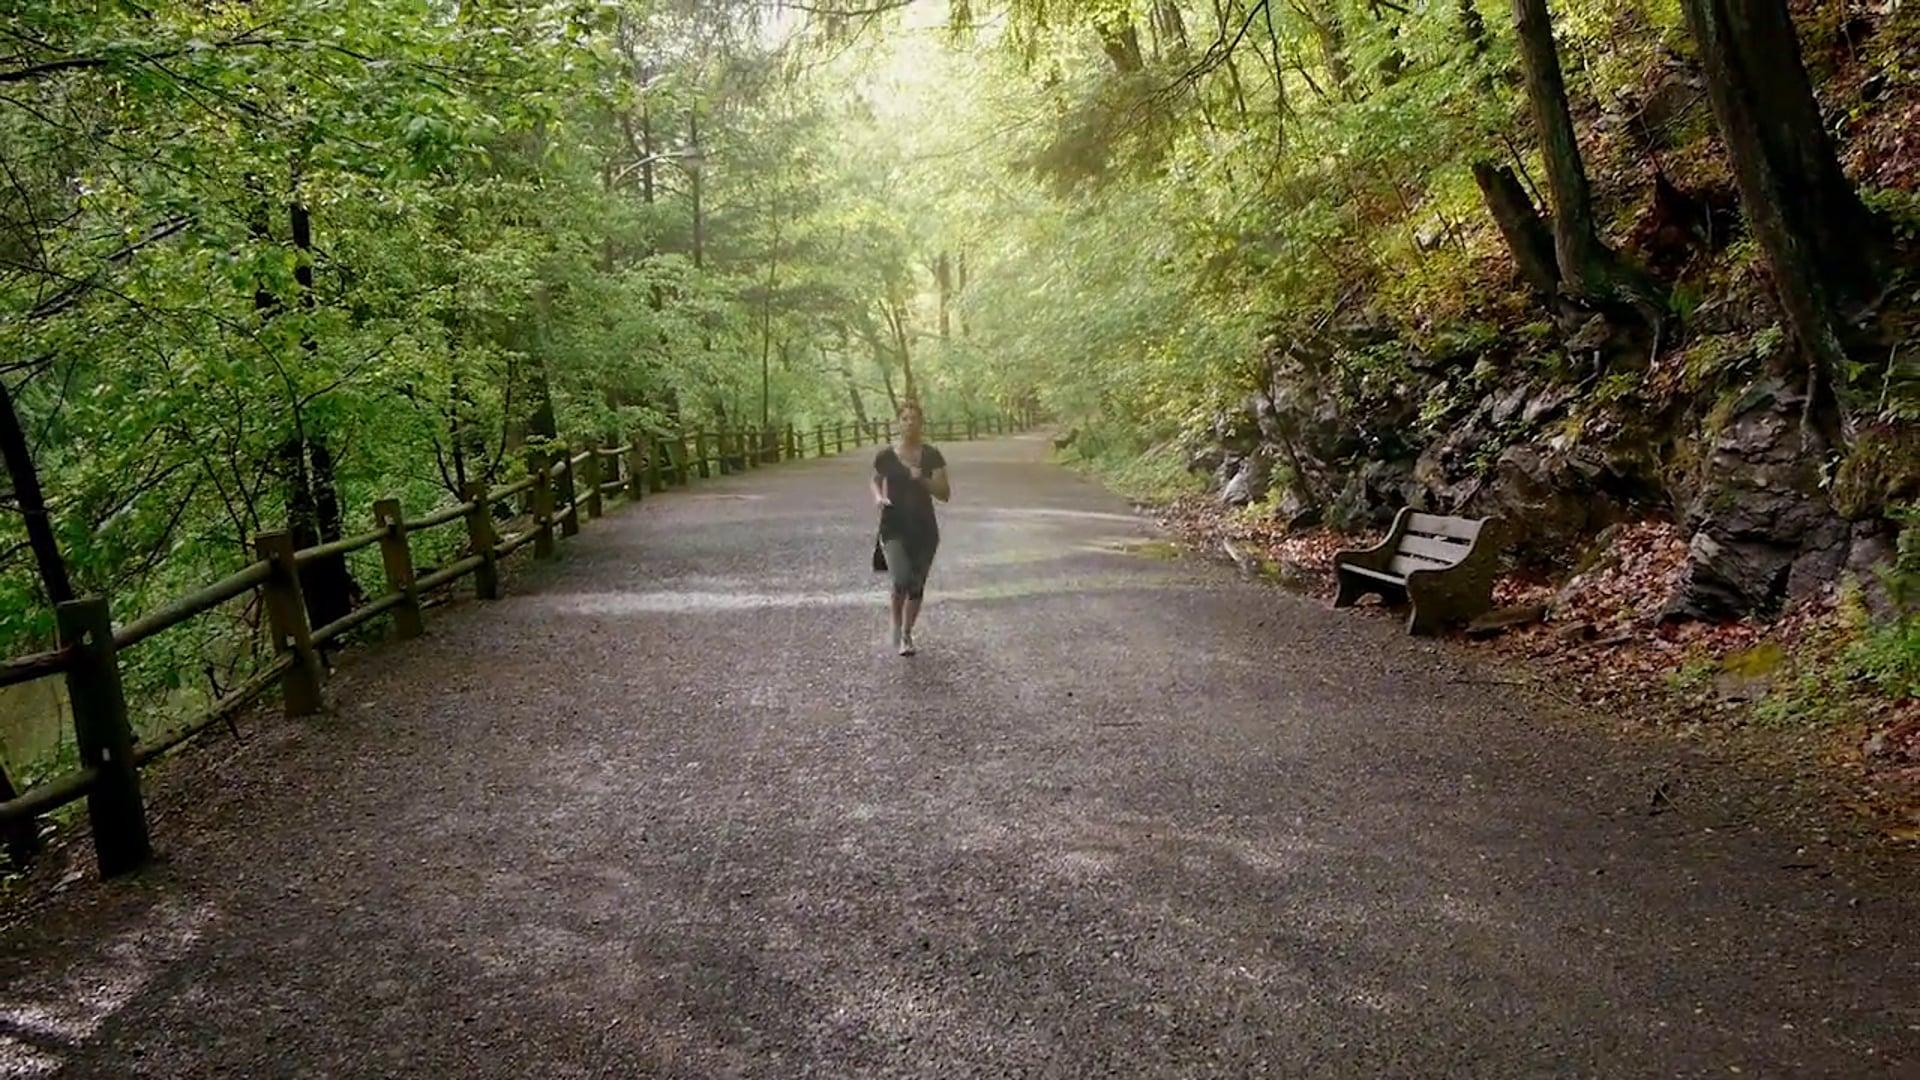 Phila Parks & Rec / Find Your Path